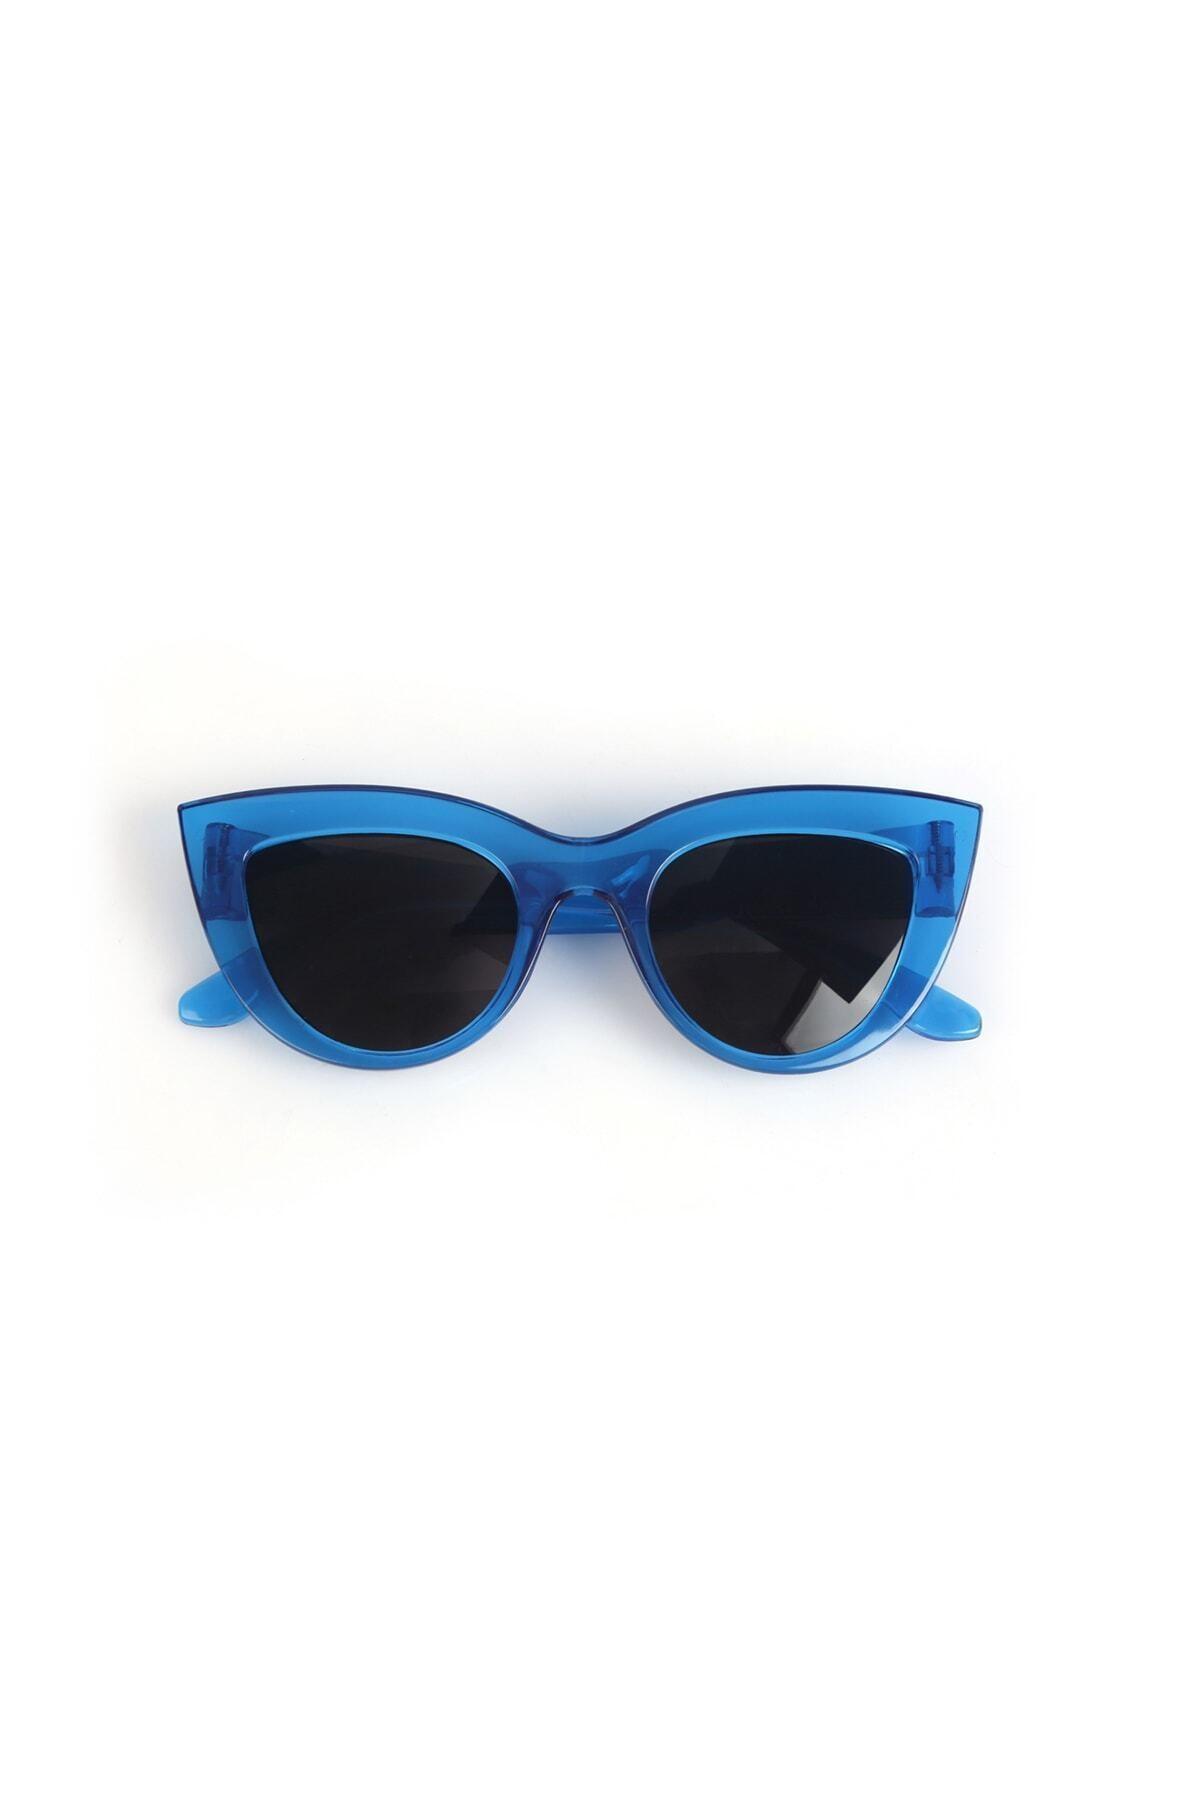 خرید نقدی عینک آفتابی جدید برند Nilu Moda رنگ آبی کد ty37362696